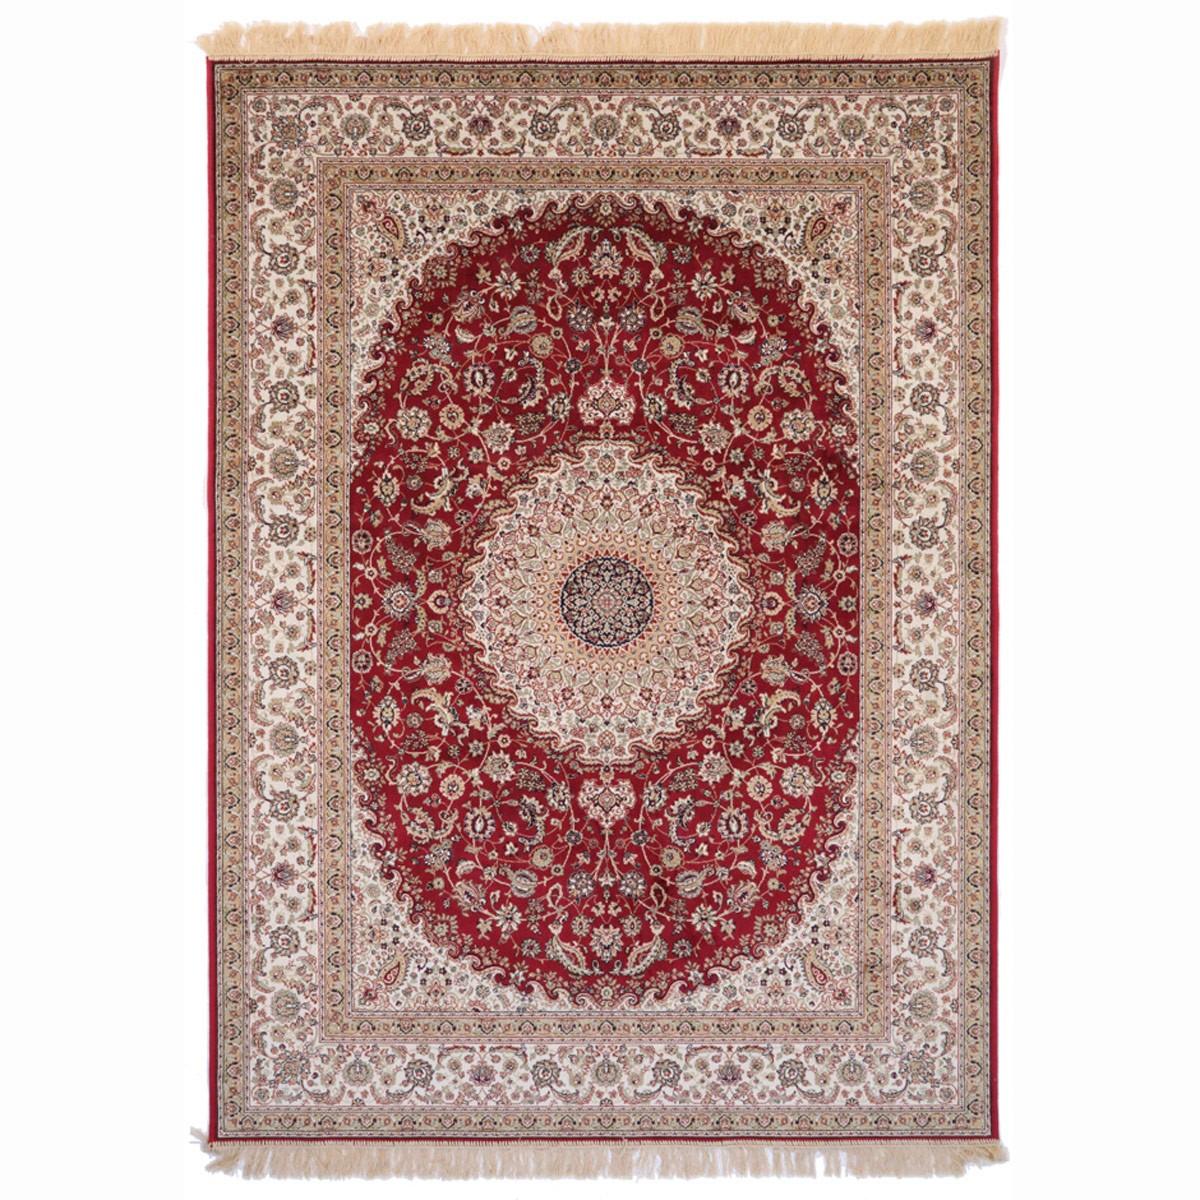 Καλοκαιρινό Χαλί (200x290) Royal Carpets Rubine 396 Red